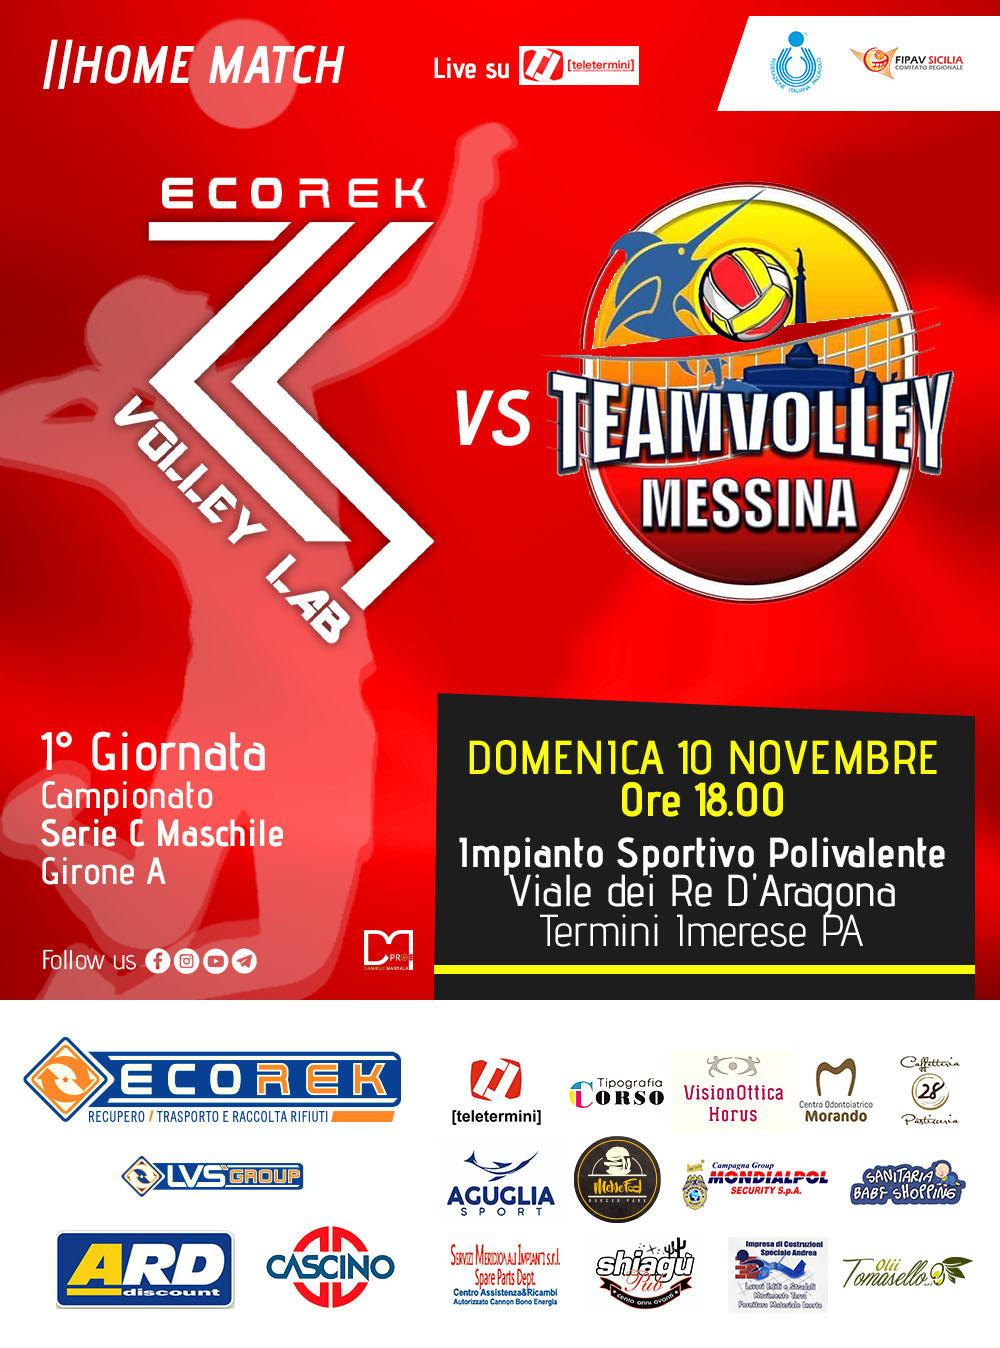 1_giornata_vs_messina